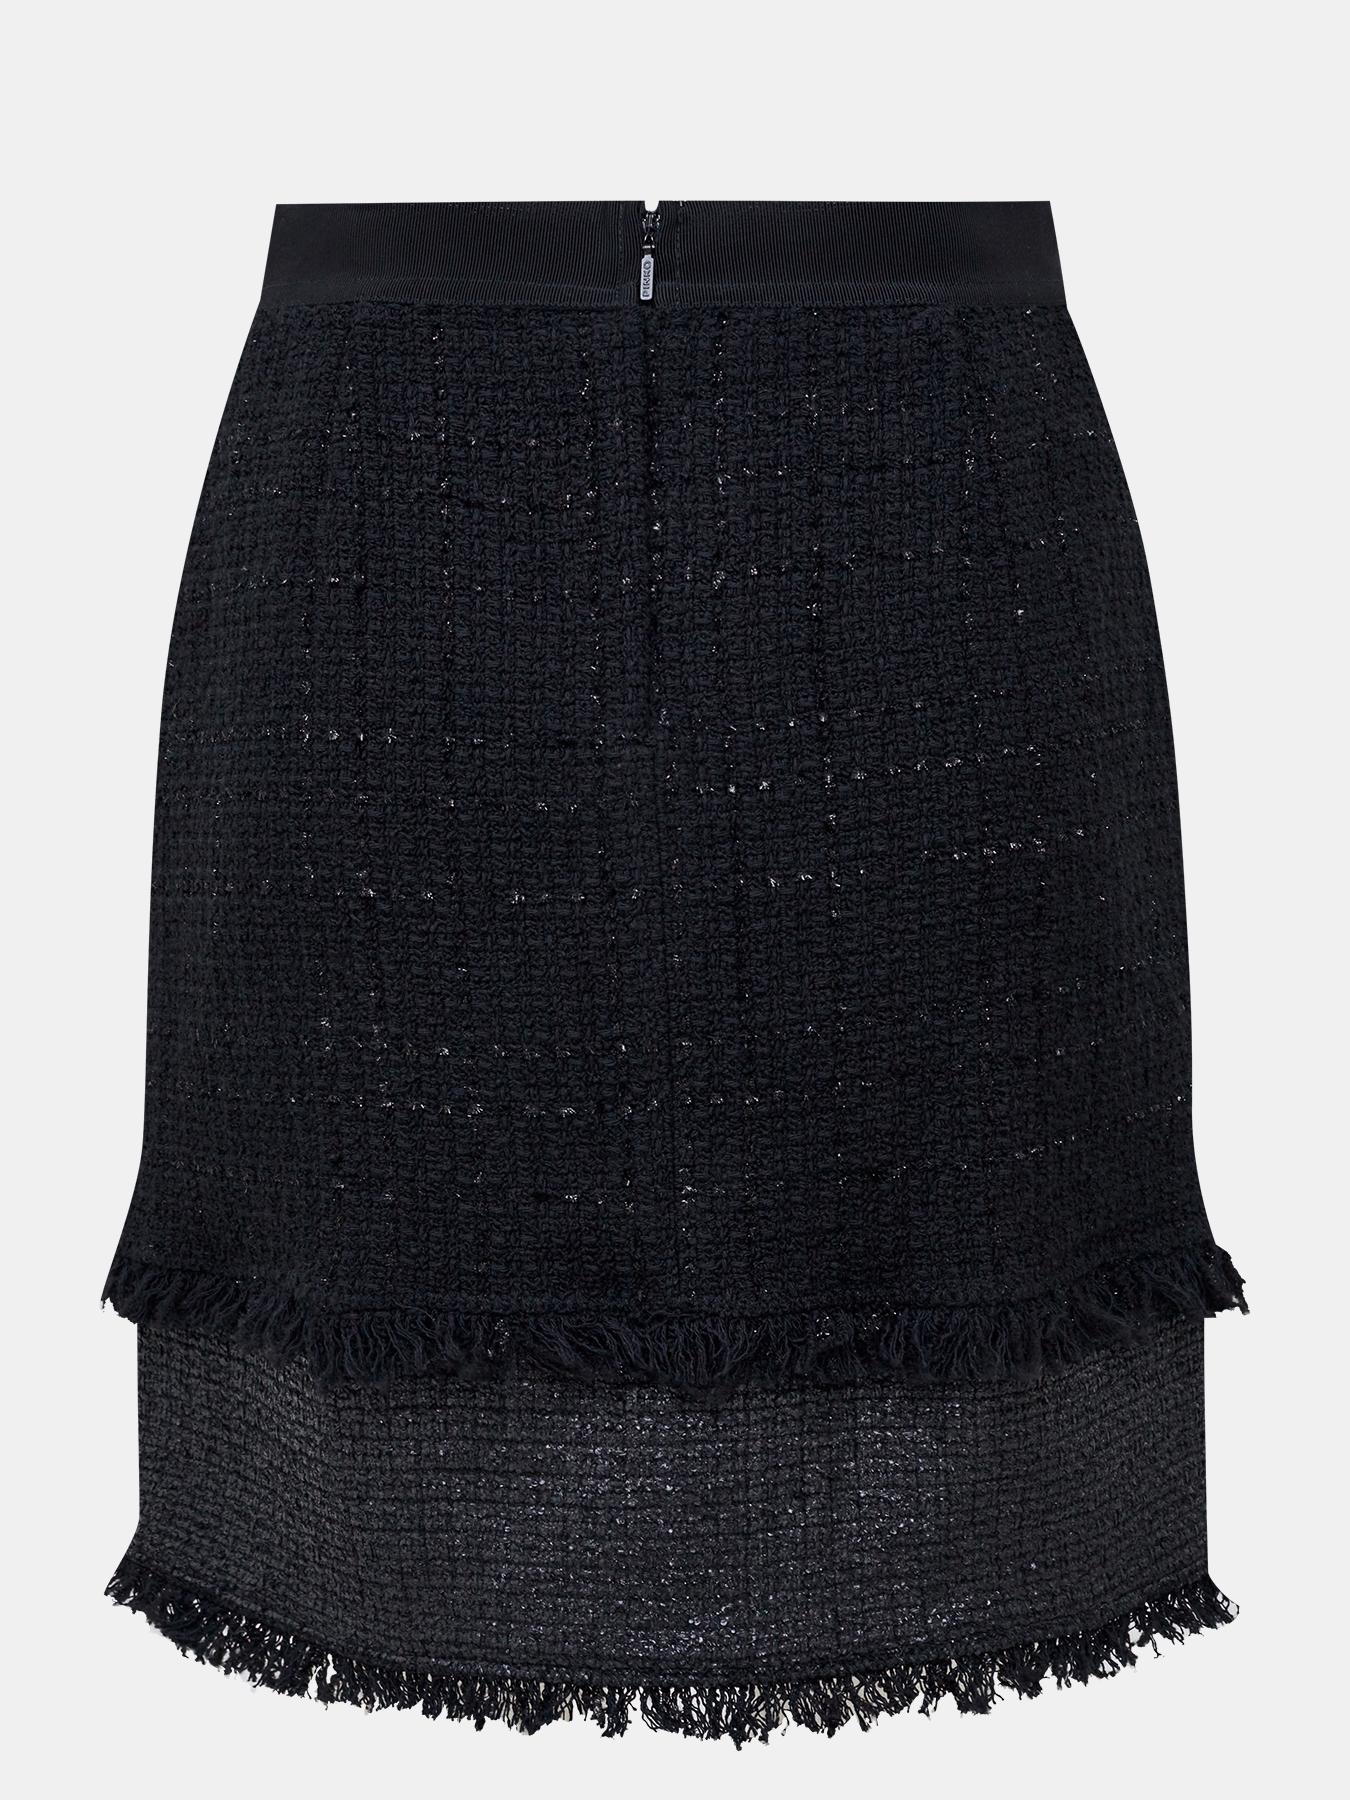 Юбка Pinko Юбка юбка